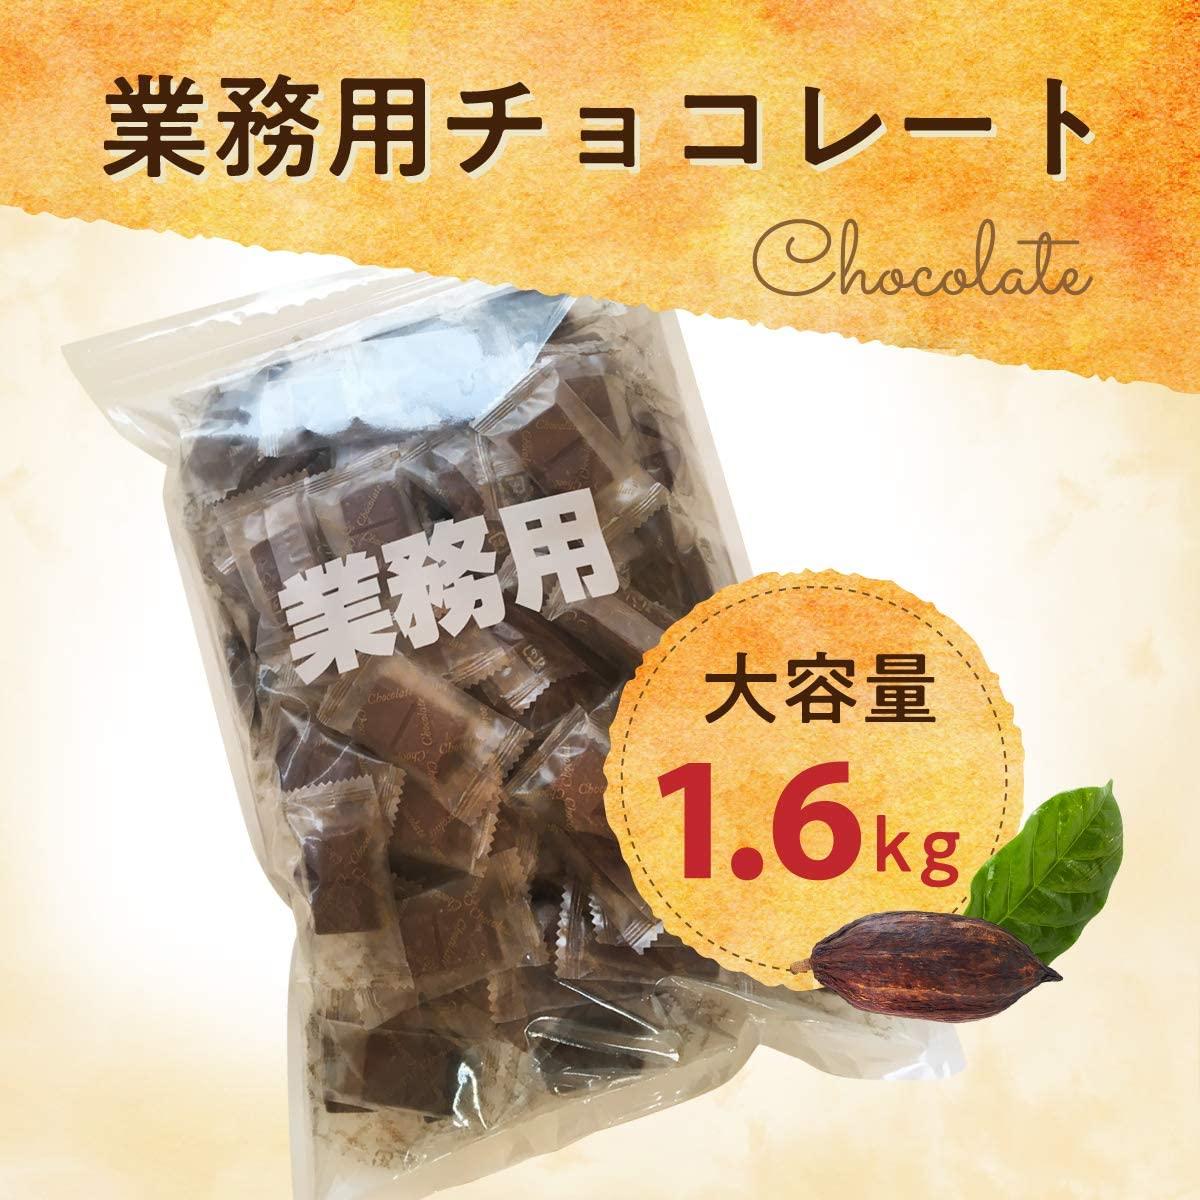 業務用 チョコレート 800g×2袋 1.6kg 爆買いセール ミルクチョコレート 今だけスーパーセール限定 ブラックチョコレート 訳あり 送料無料 個包装 カカオ ひとくちチョコ ハロウイン チョコ屋 敬老の日 高品質 大量